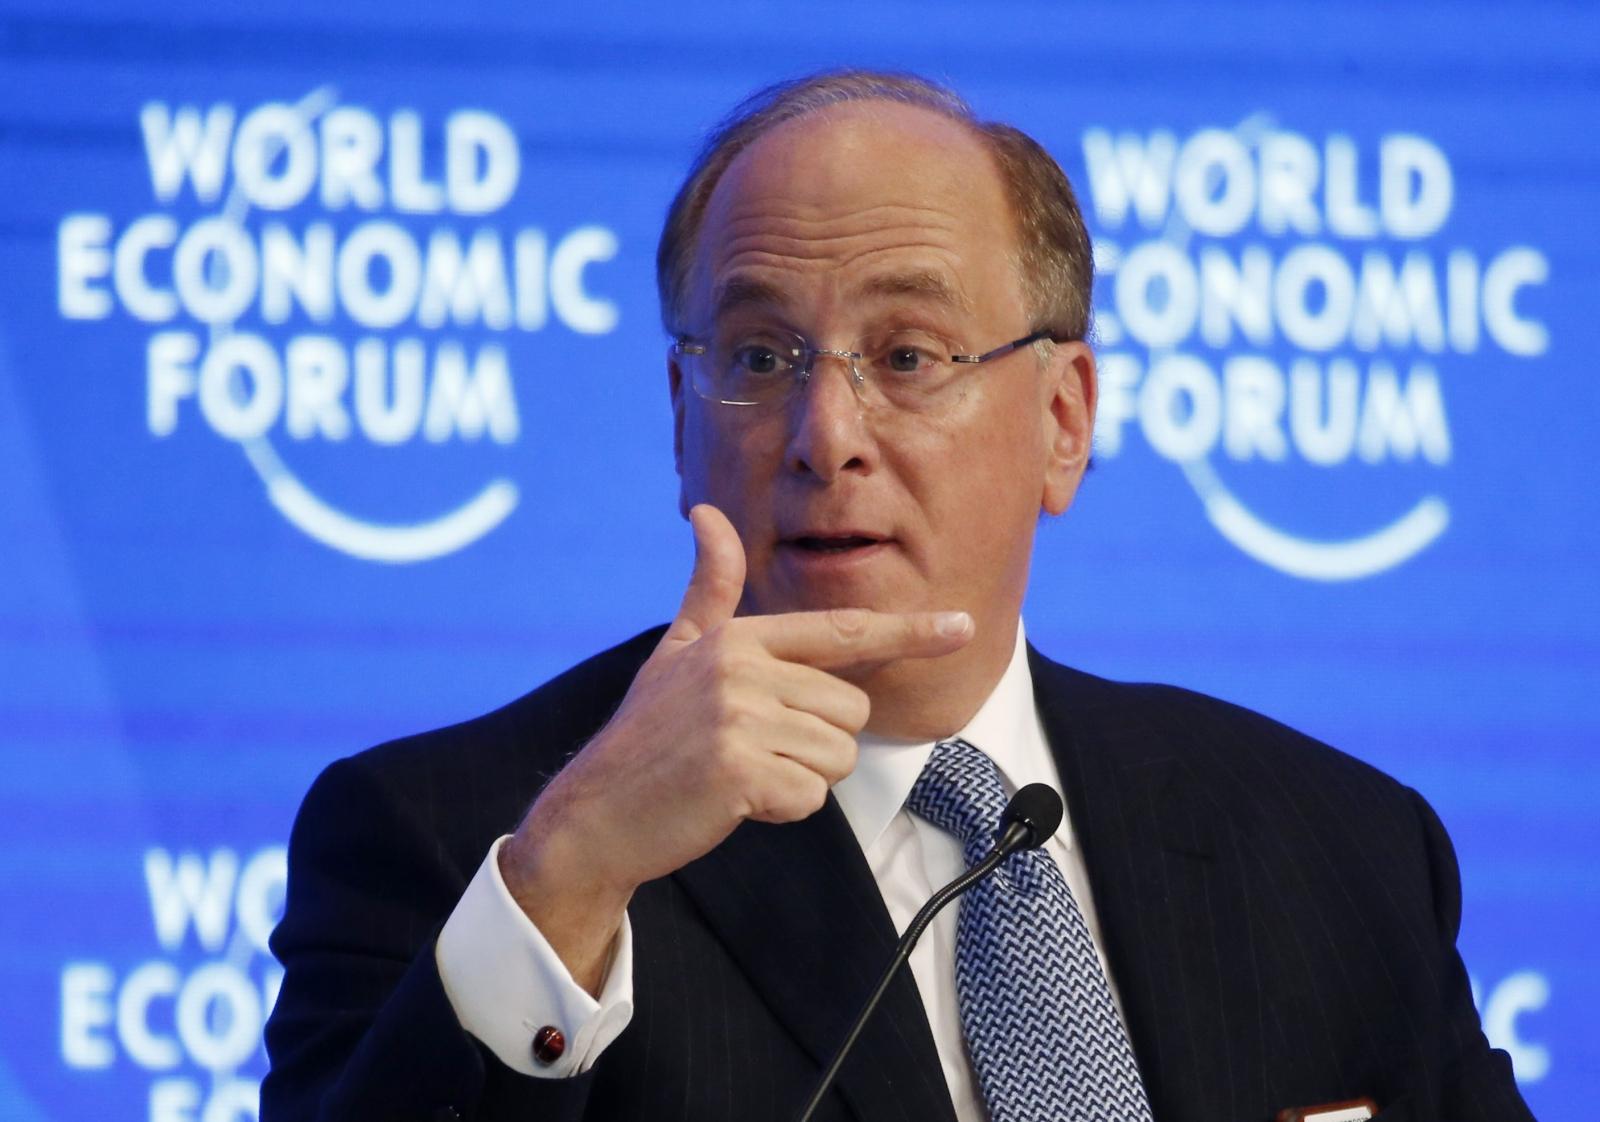 Laurence Fink Davos 2017